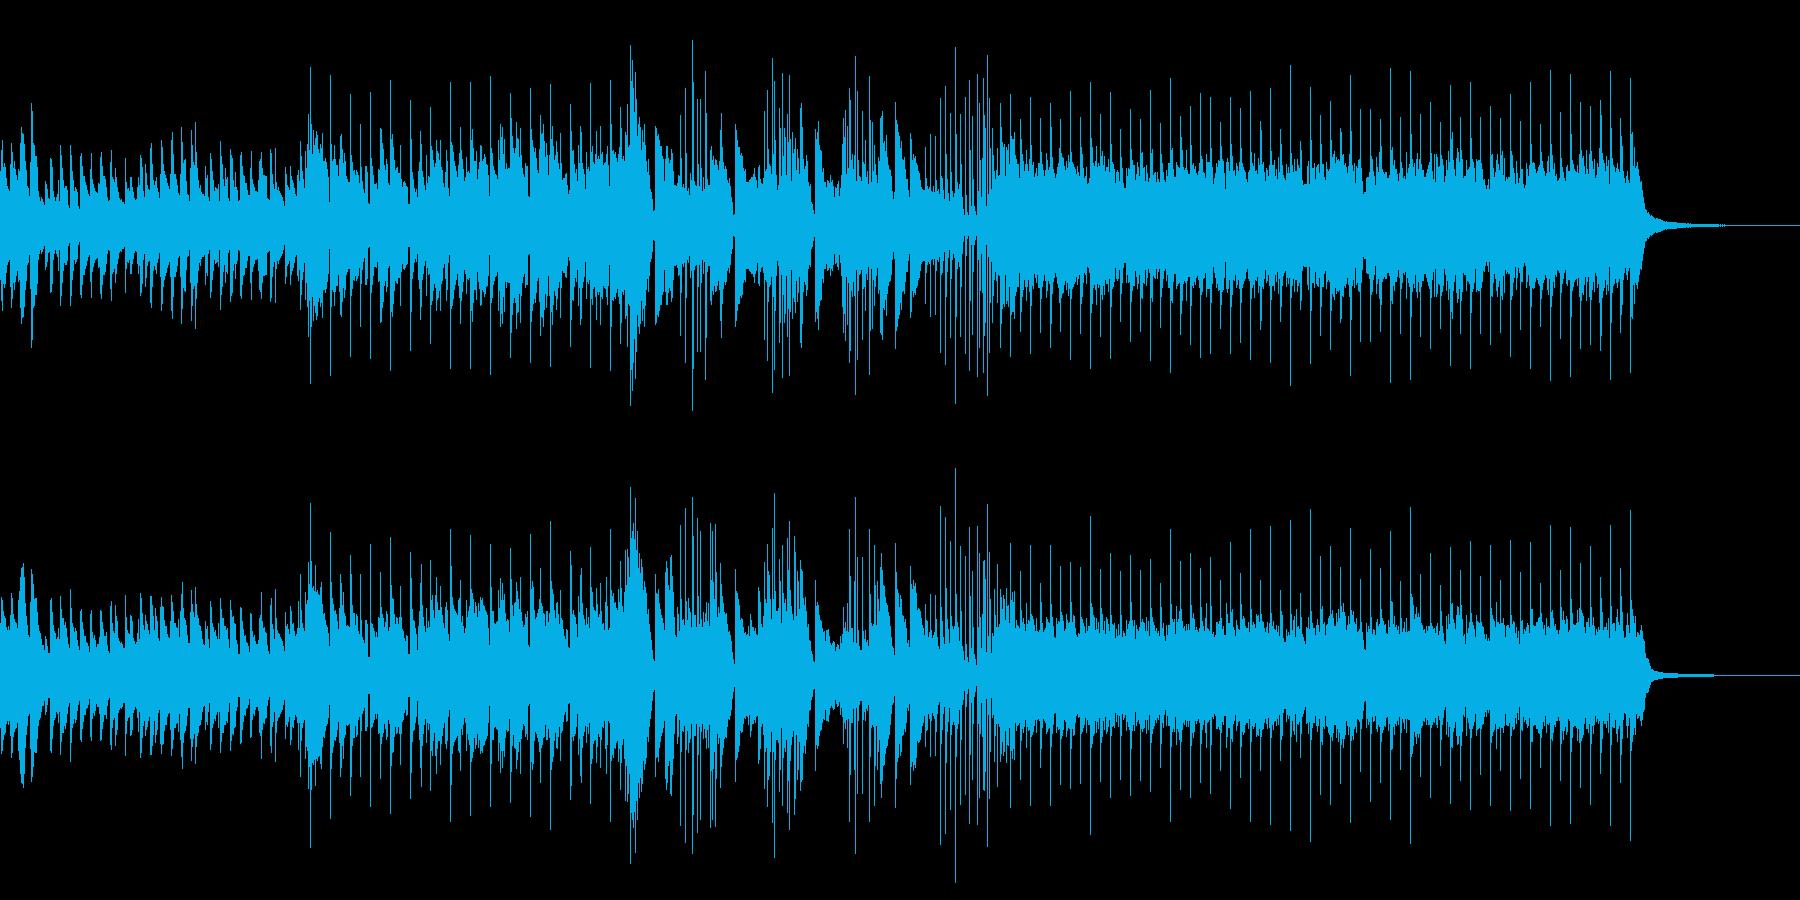 明るくて爽やかな、日常的な場面に合う曲の再生済みの波形